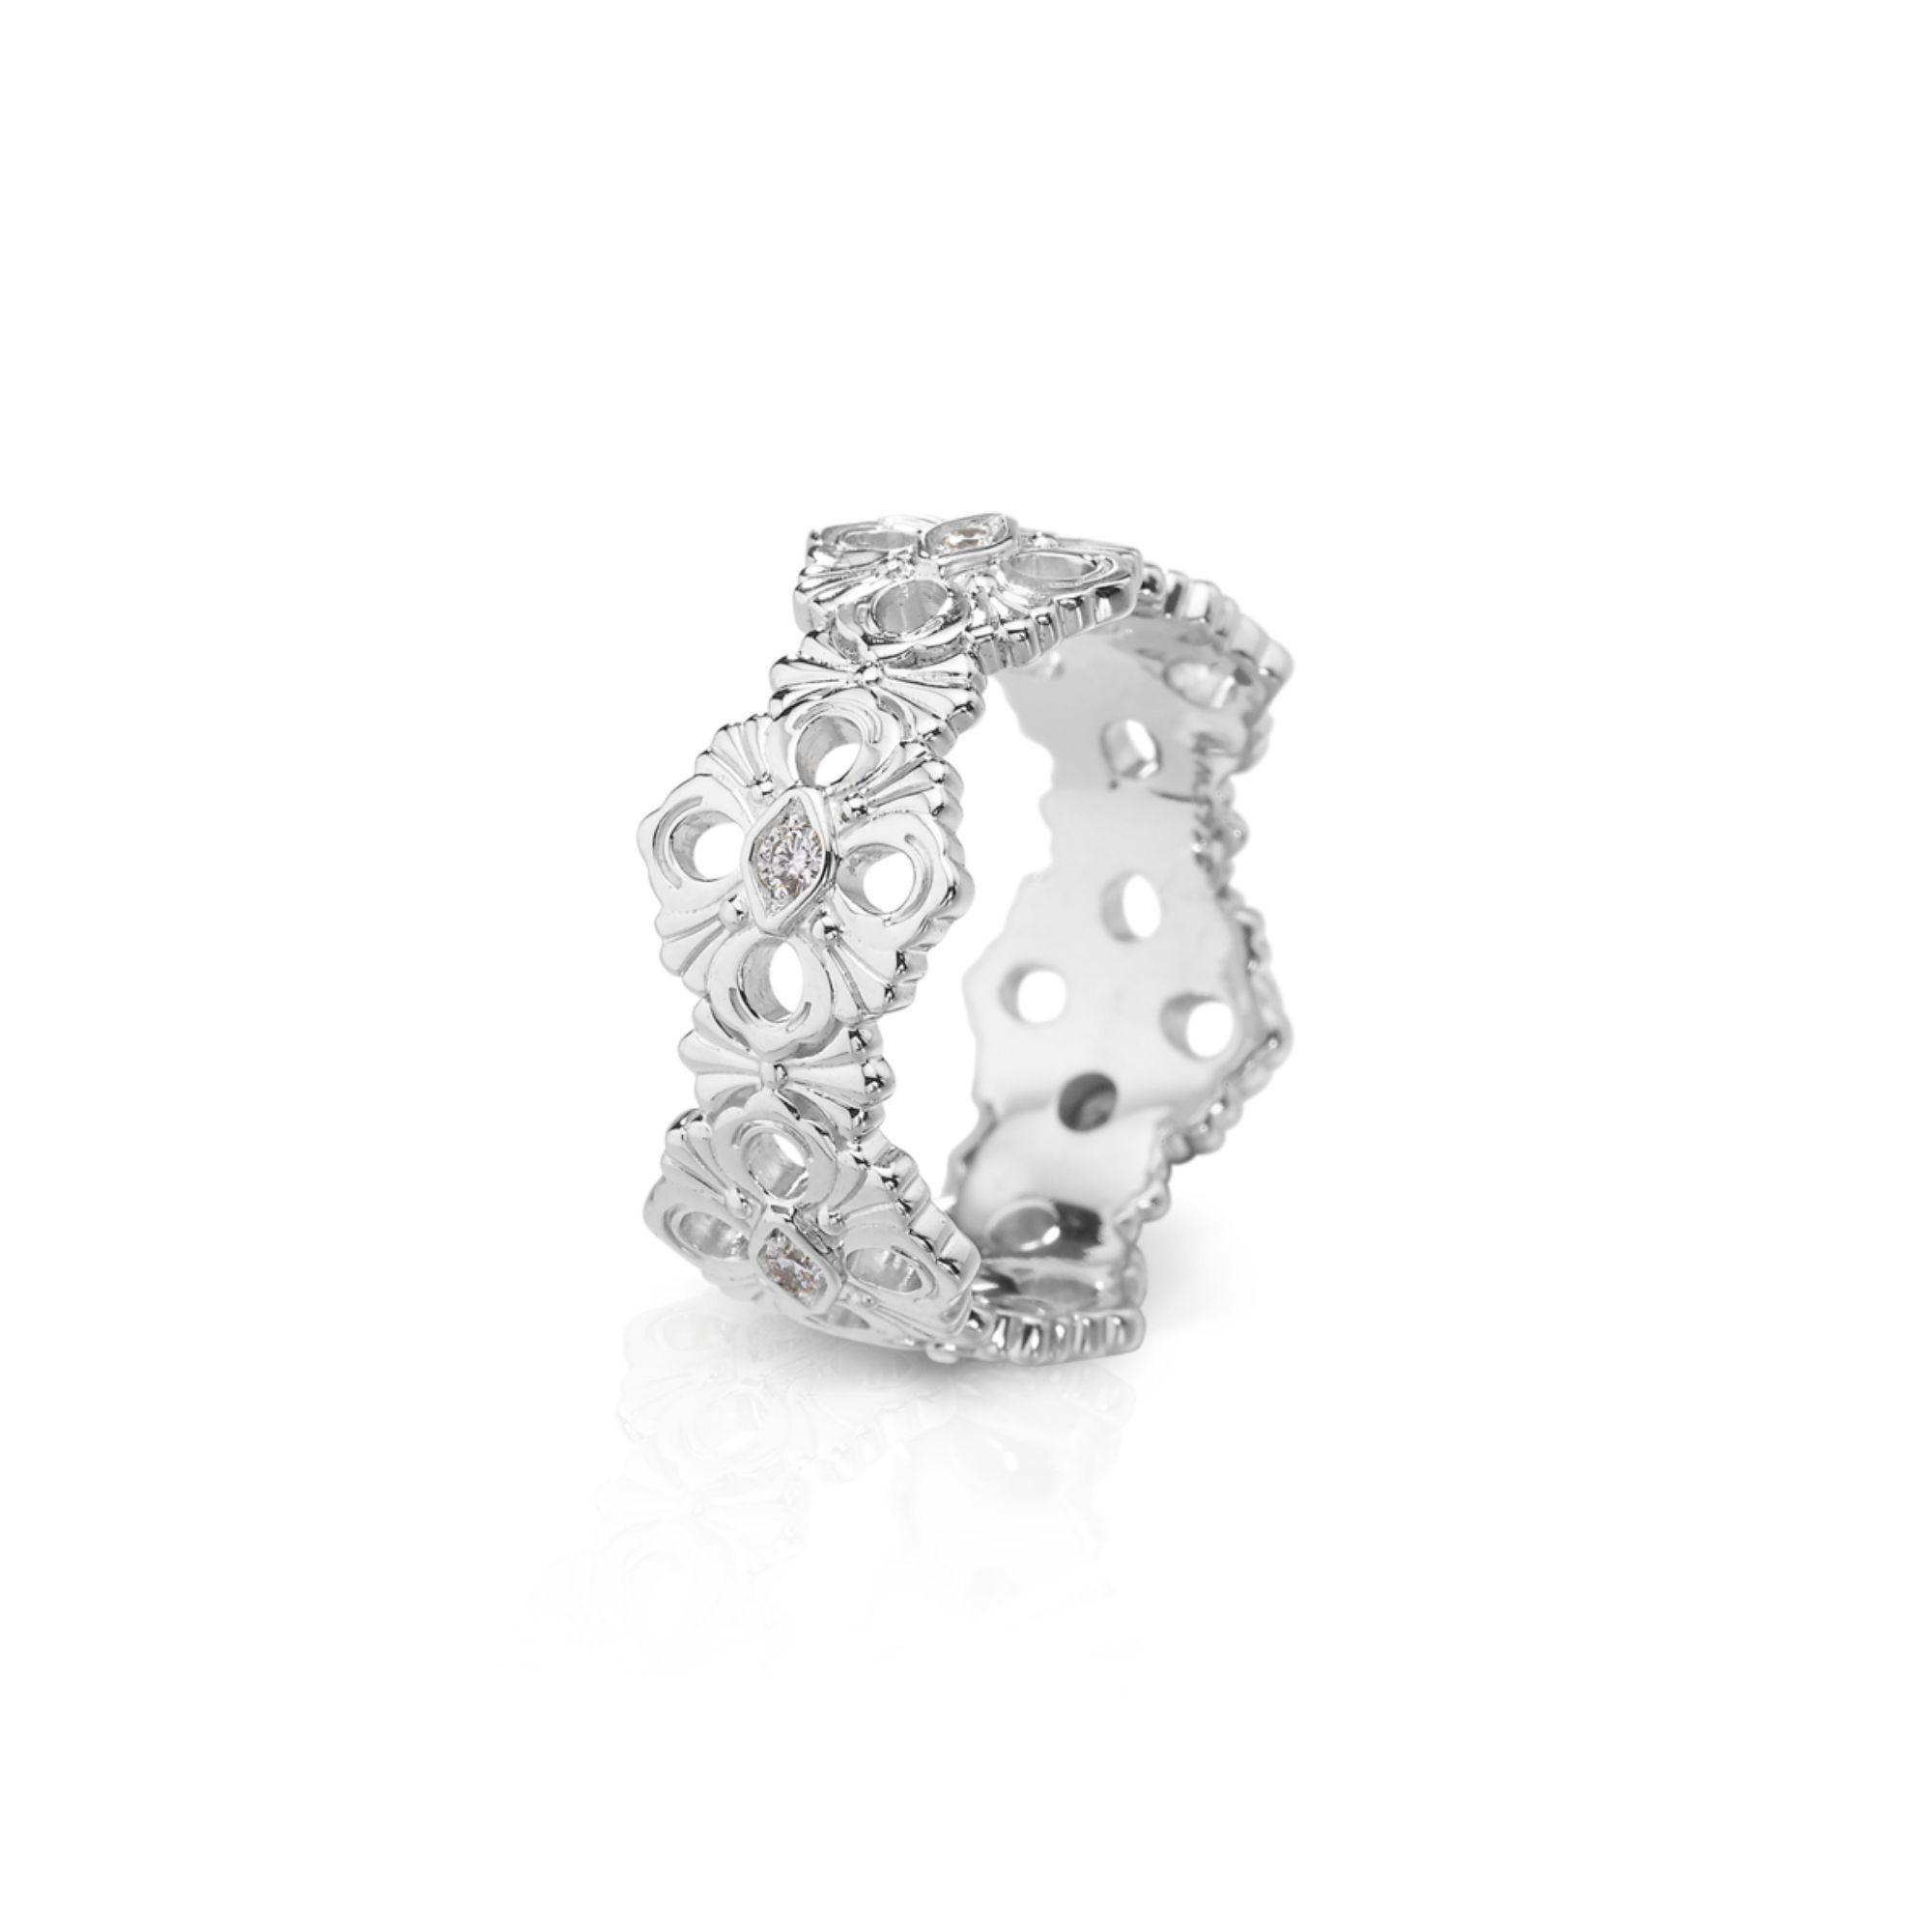 ETE013750 anello eternelle opera buccellati oro bianco diamanti anello ring diamonds sconto discount